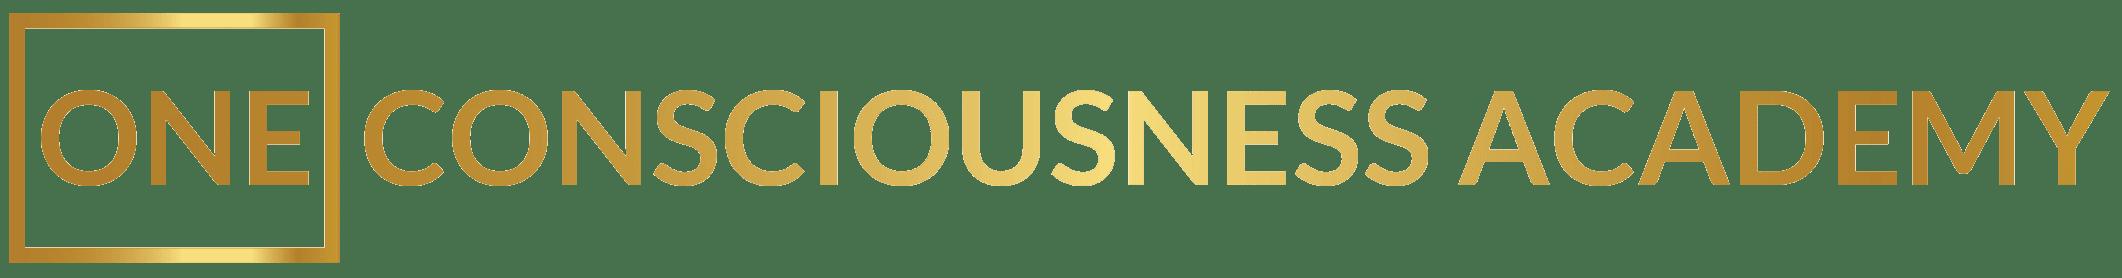 One Consciousness Academy